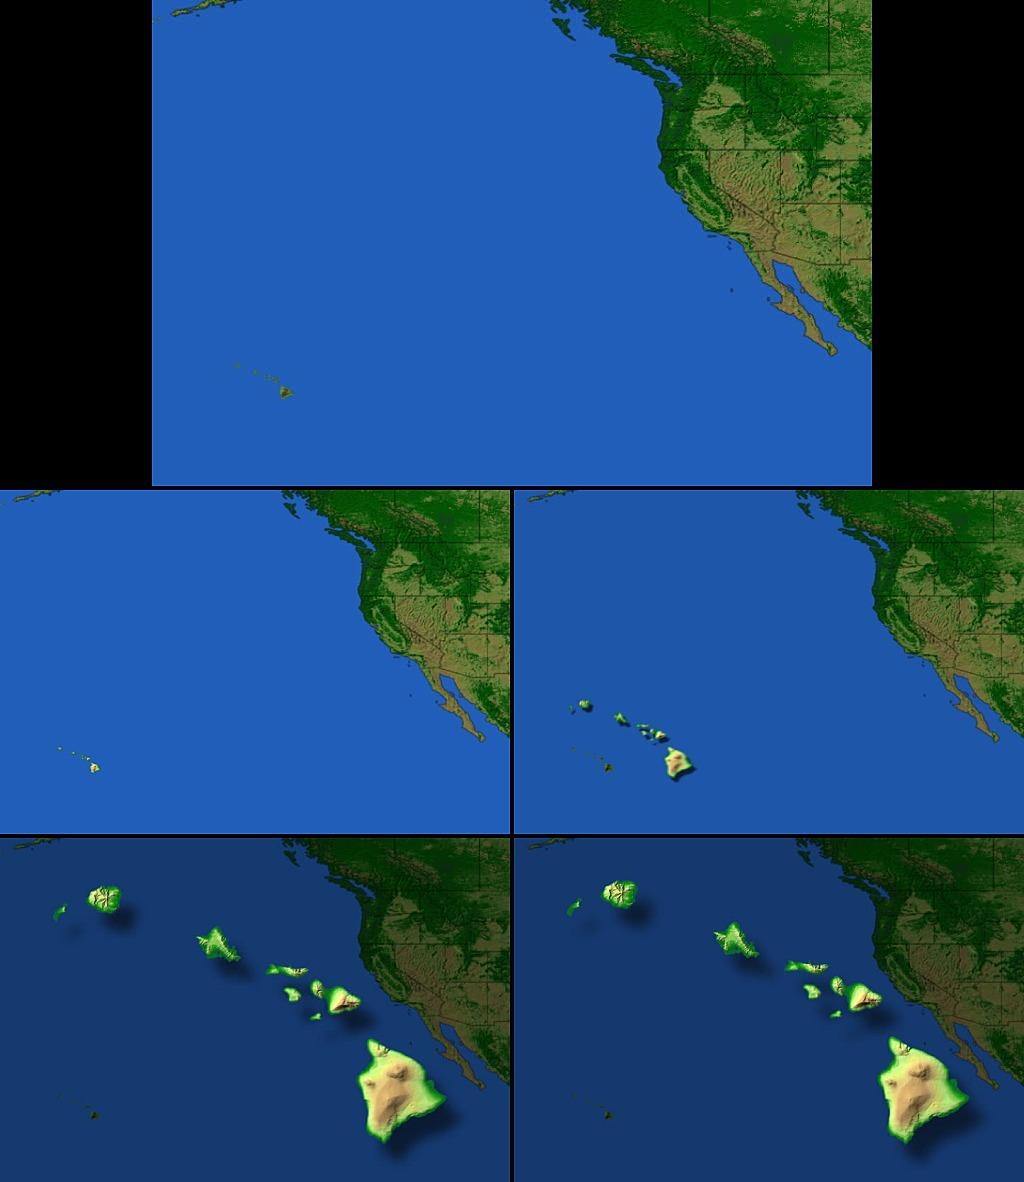 地图动态特效背景素材